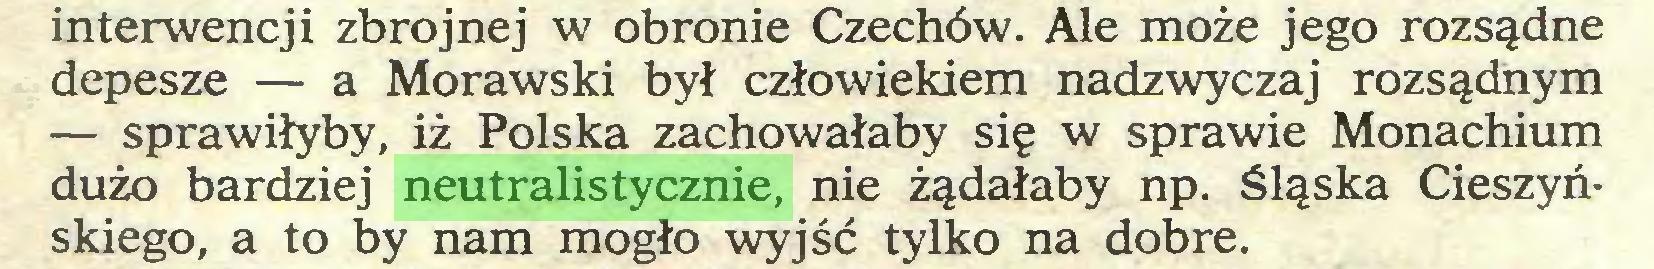 (...) interwencji zbrojnej w obronie Czechów. Ale może jego rozsądne depesze — a Morawski był człowiekiem nadzwyczaj rozsądnym — sprawiłyby, iż Polska zachowałaby się w sprawie Monachium dużo bardziej neutralistycznie, nie żądałaby np. śląska Cieszyńskiego, a to by nam mogło wyjść tylko na dobre...